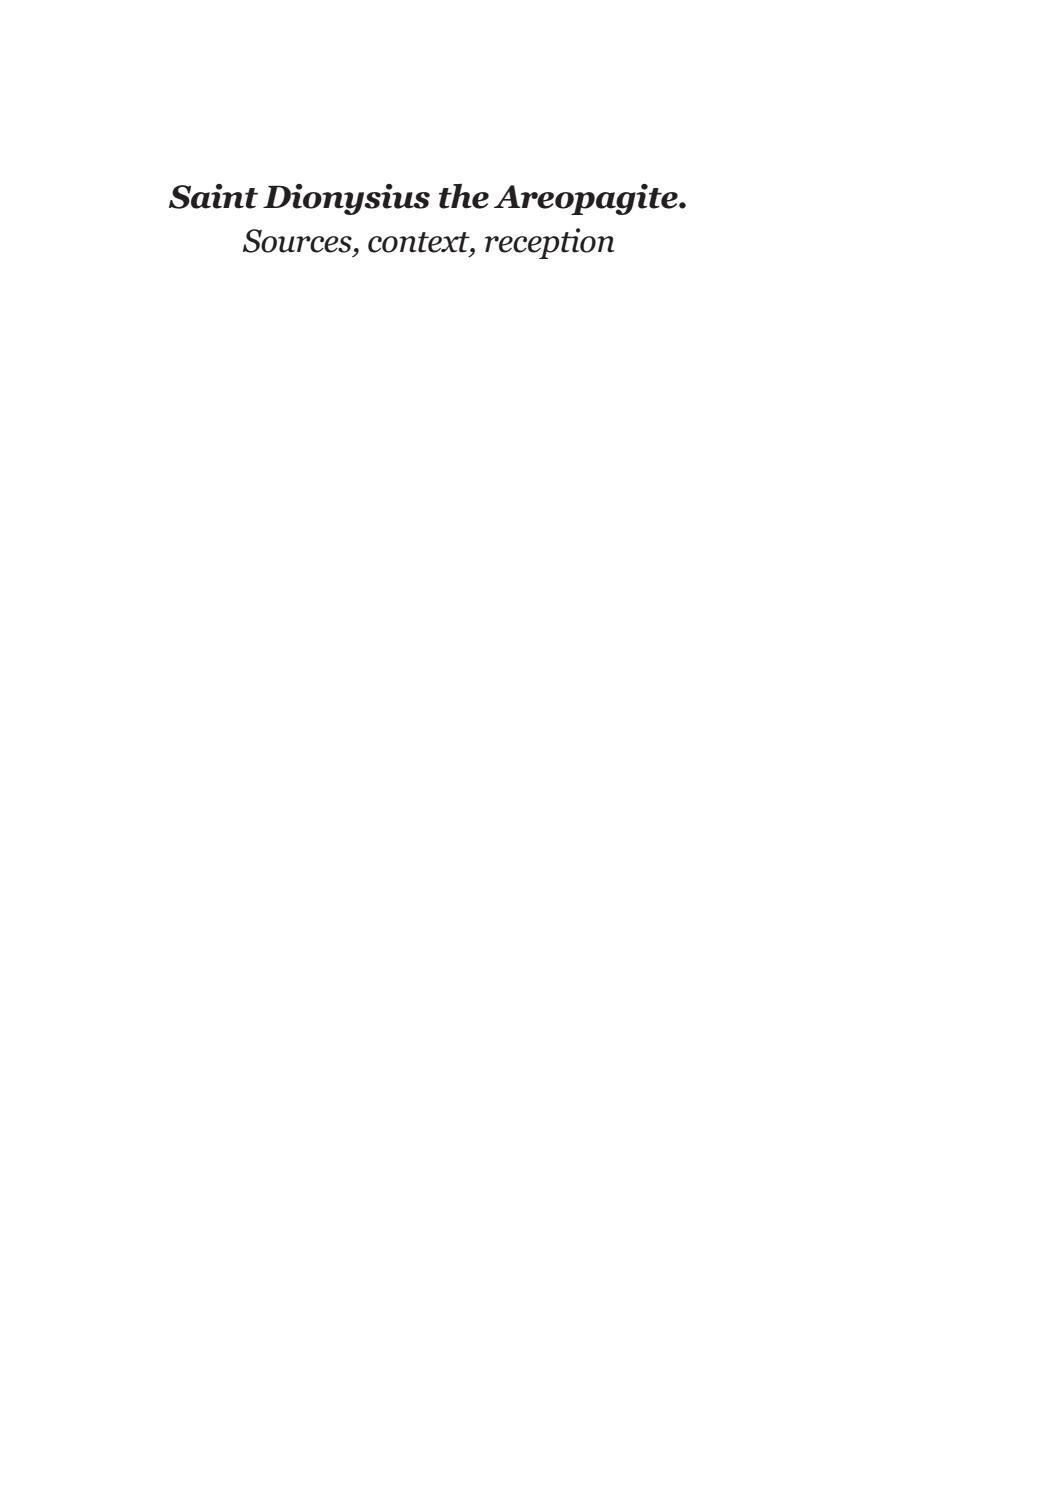 Reteta Oftalmologica Explicata